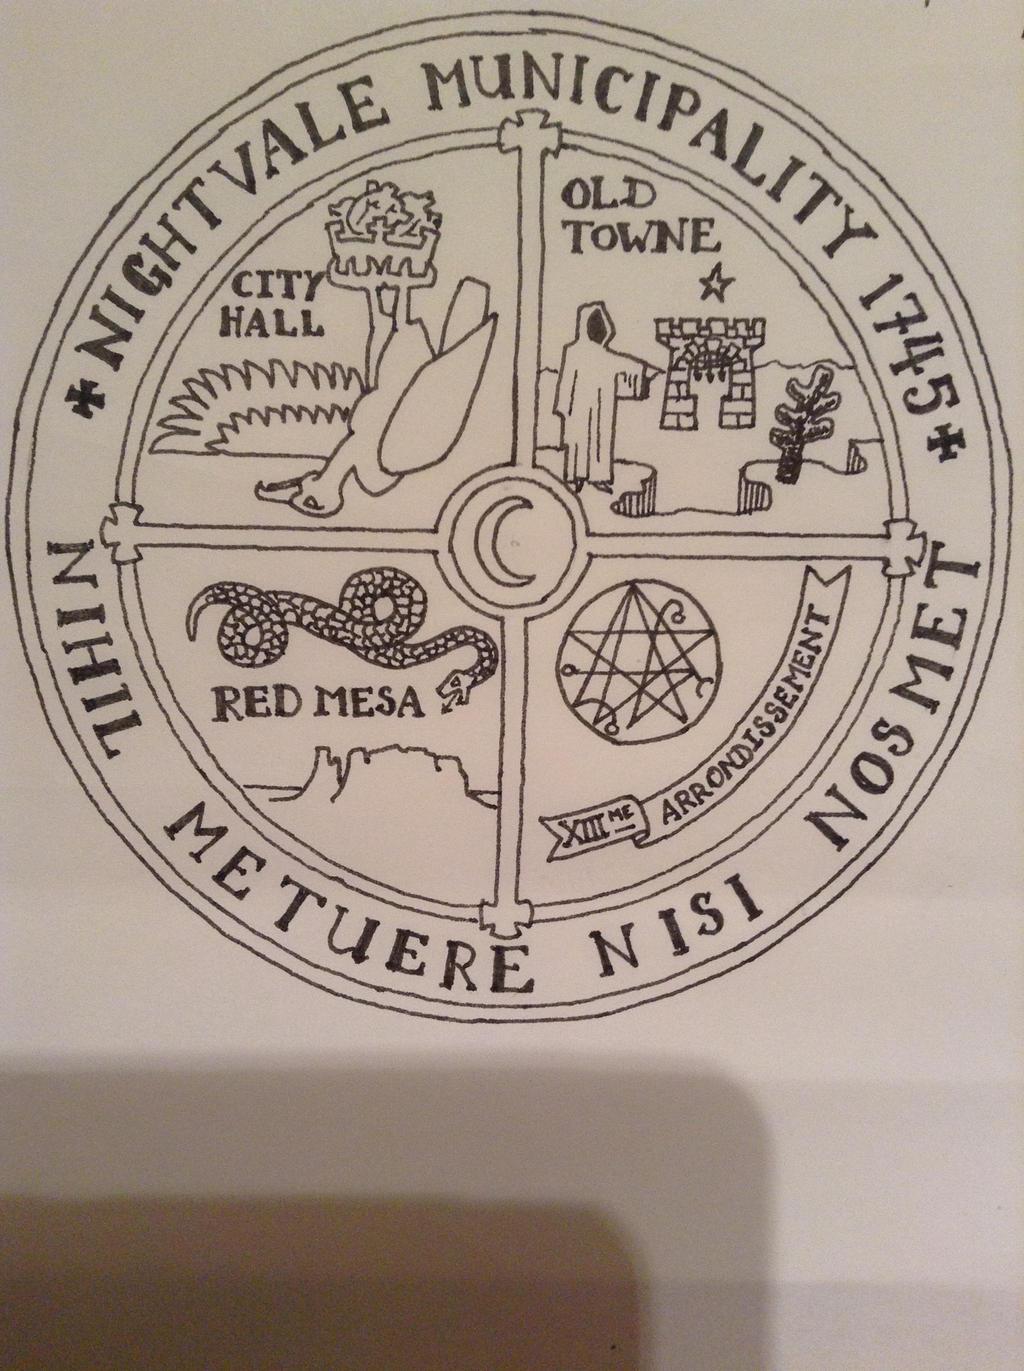 NightVale Municipality Seal